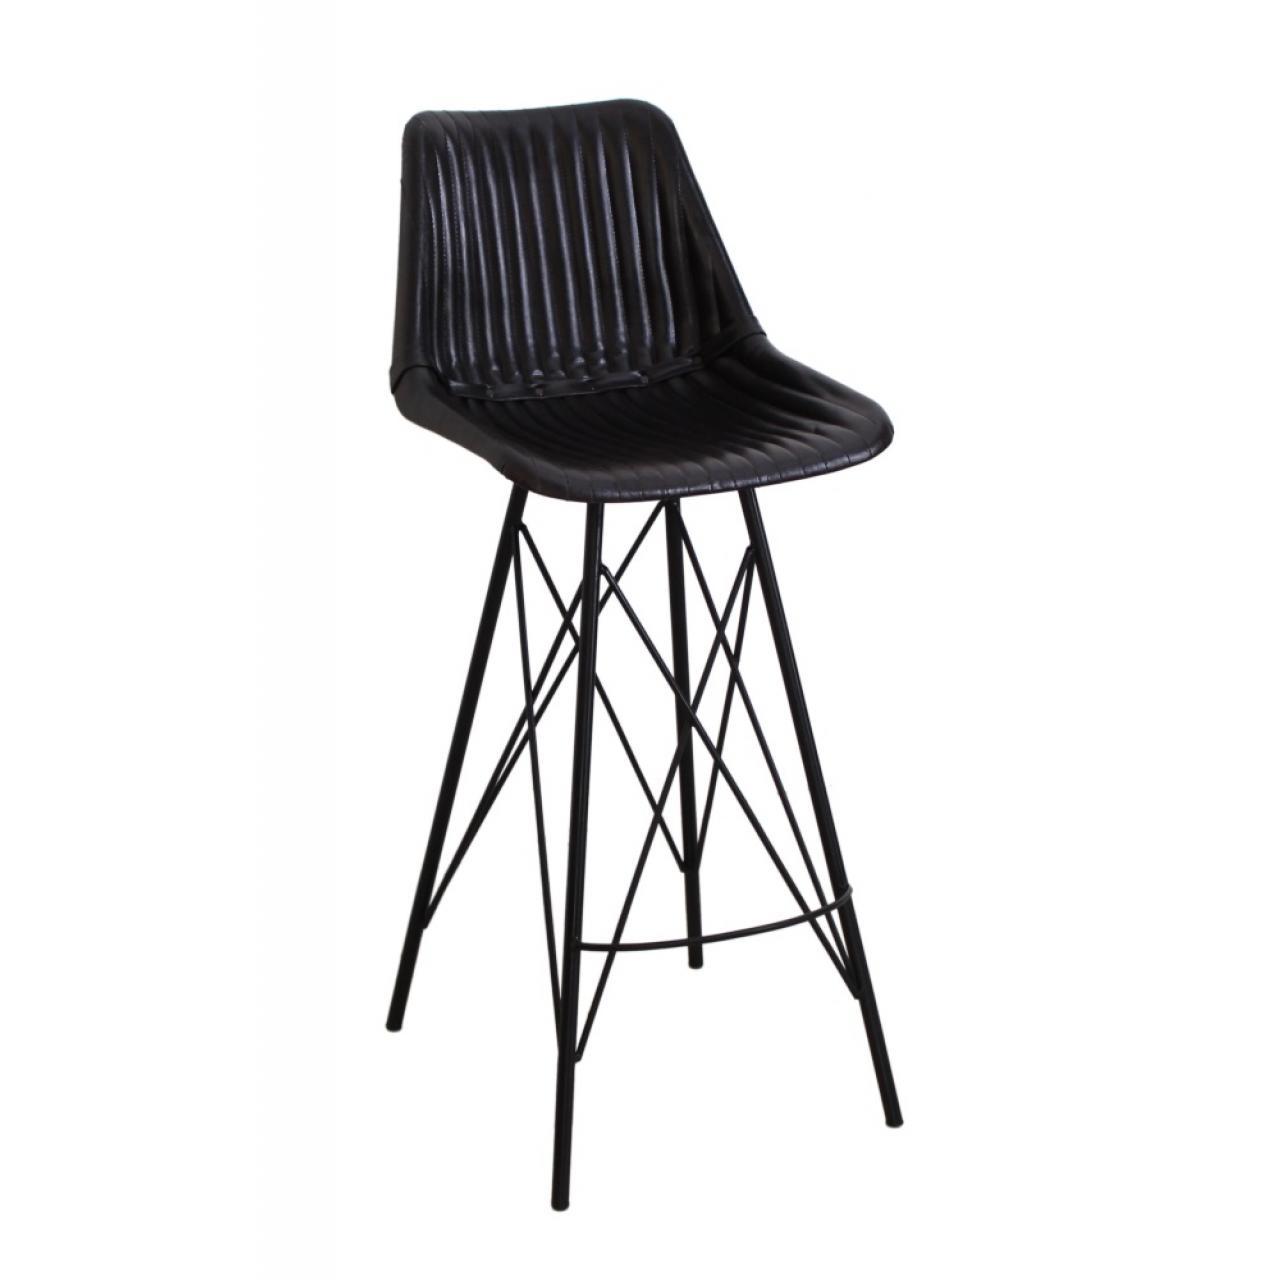 Barhocker - Sit&Chairs - schwarz